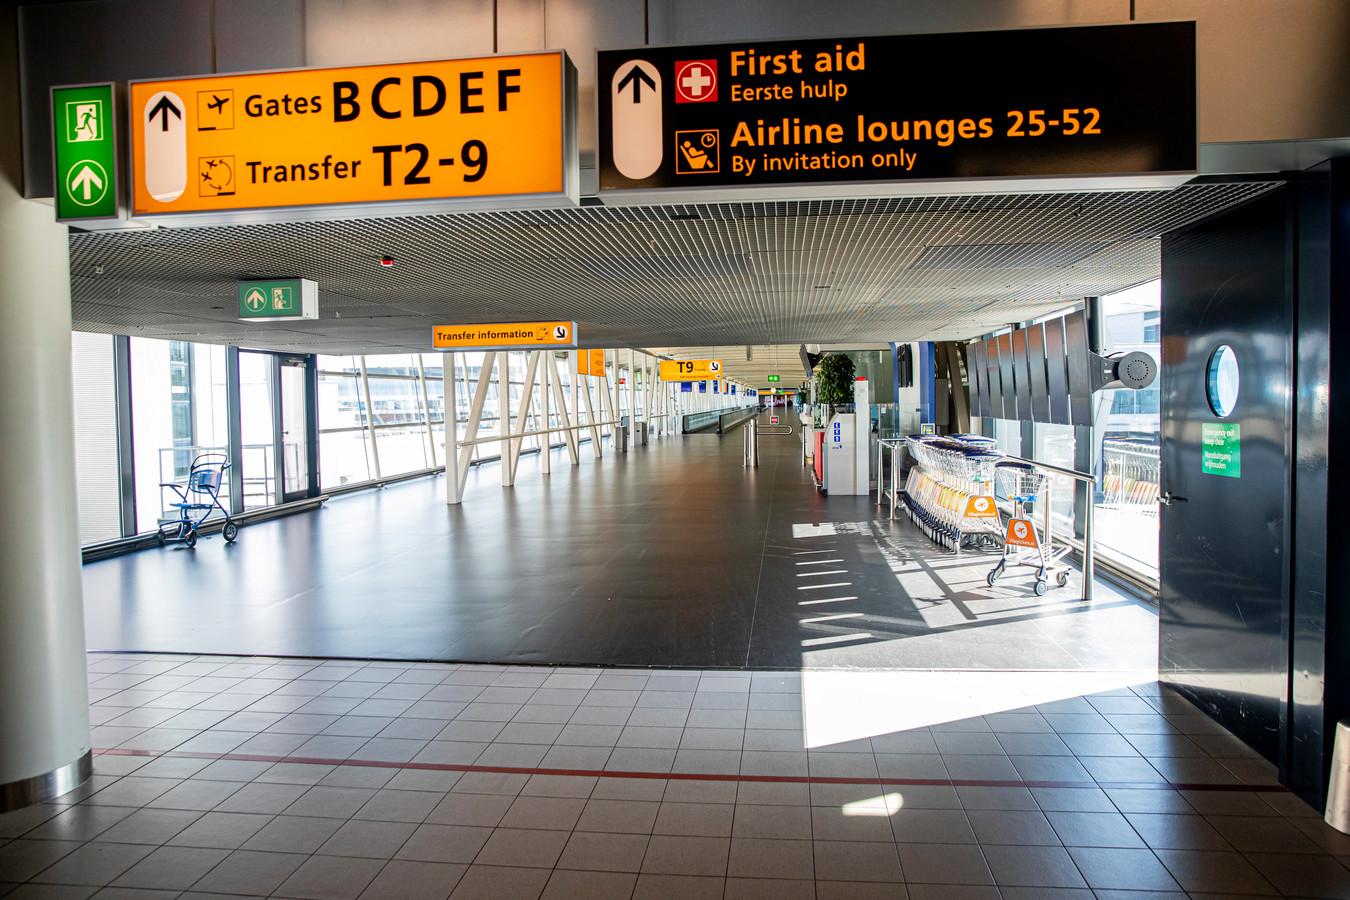 Schiphol oogt in coronatijden verlaten. Omdat vakanties zijn geschrapt, willen veel werknemers hun verlofaanvraag  intrekken en die vrije dagen op een ander moment opnemen.